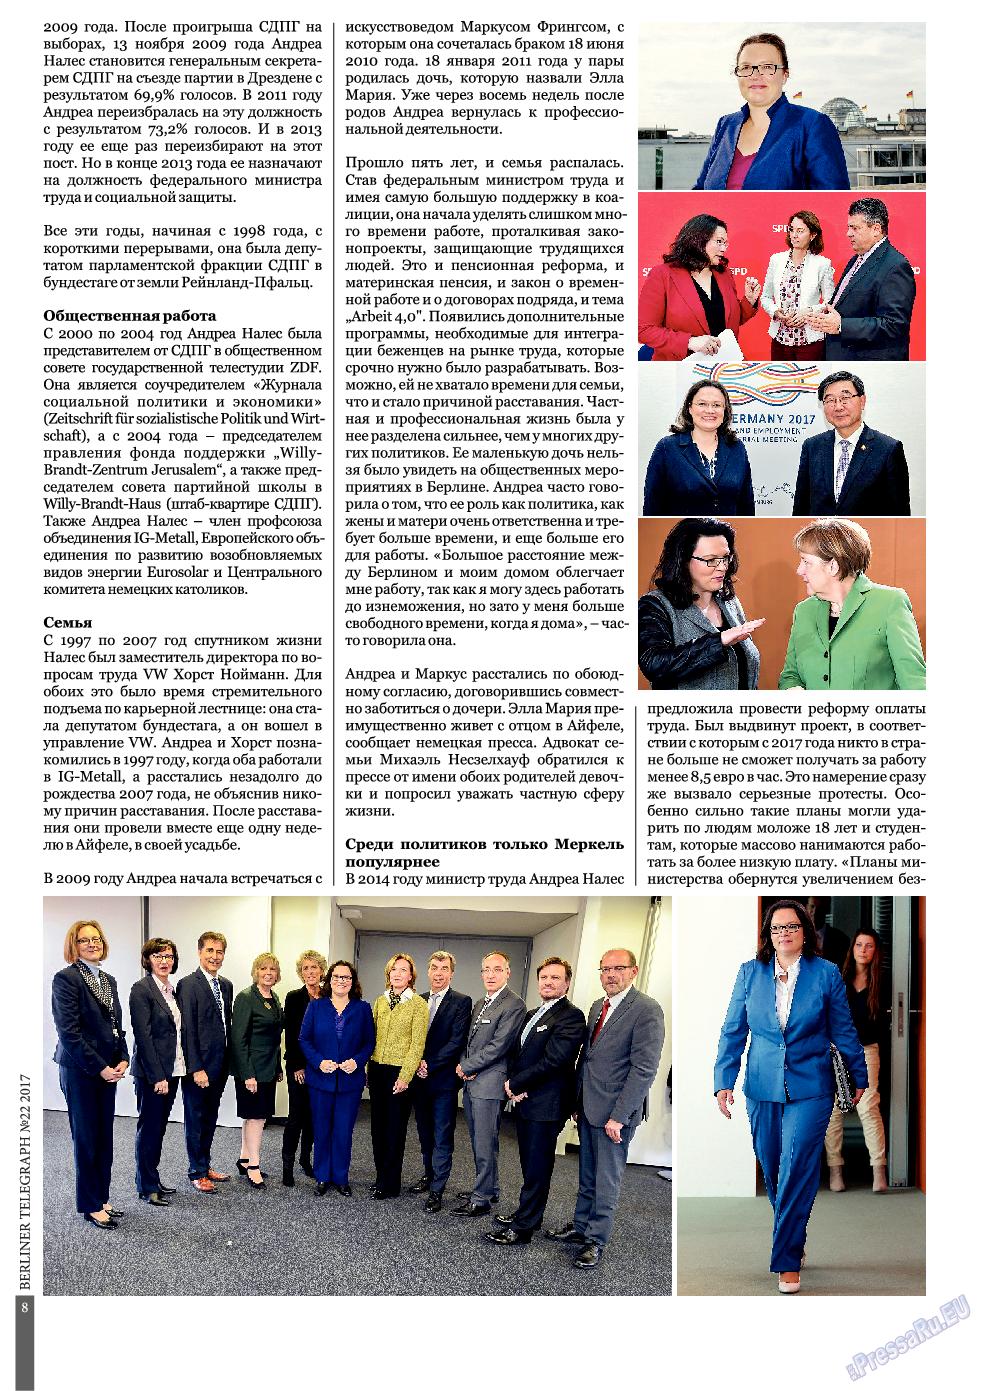 Берлинский телеграф (журнал). 2017 год, номер 22, стр. 8